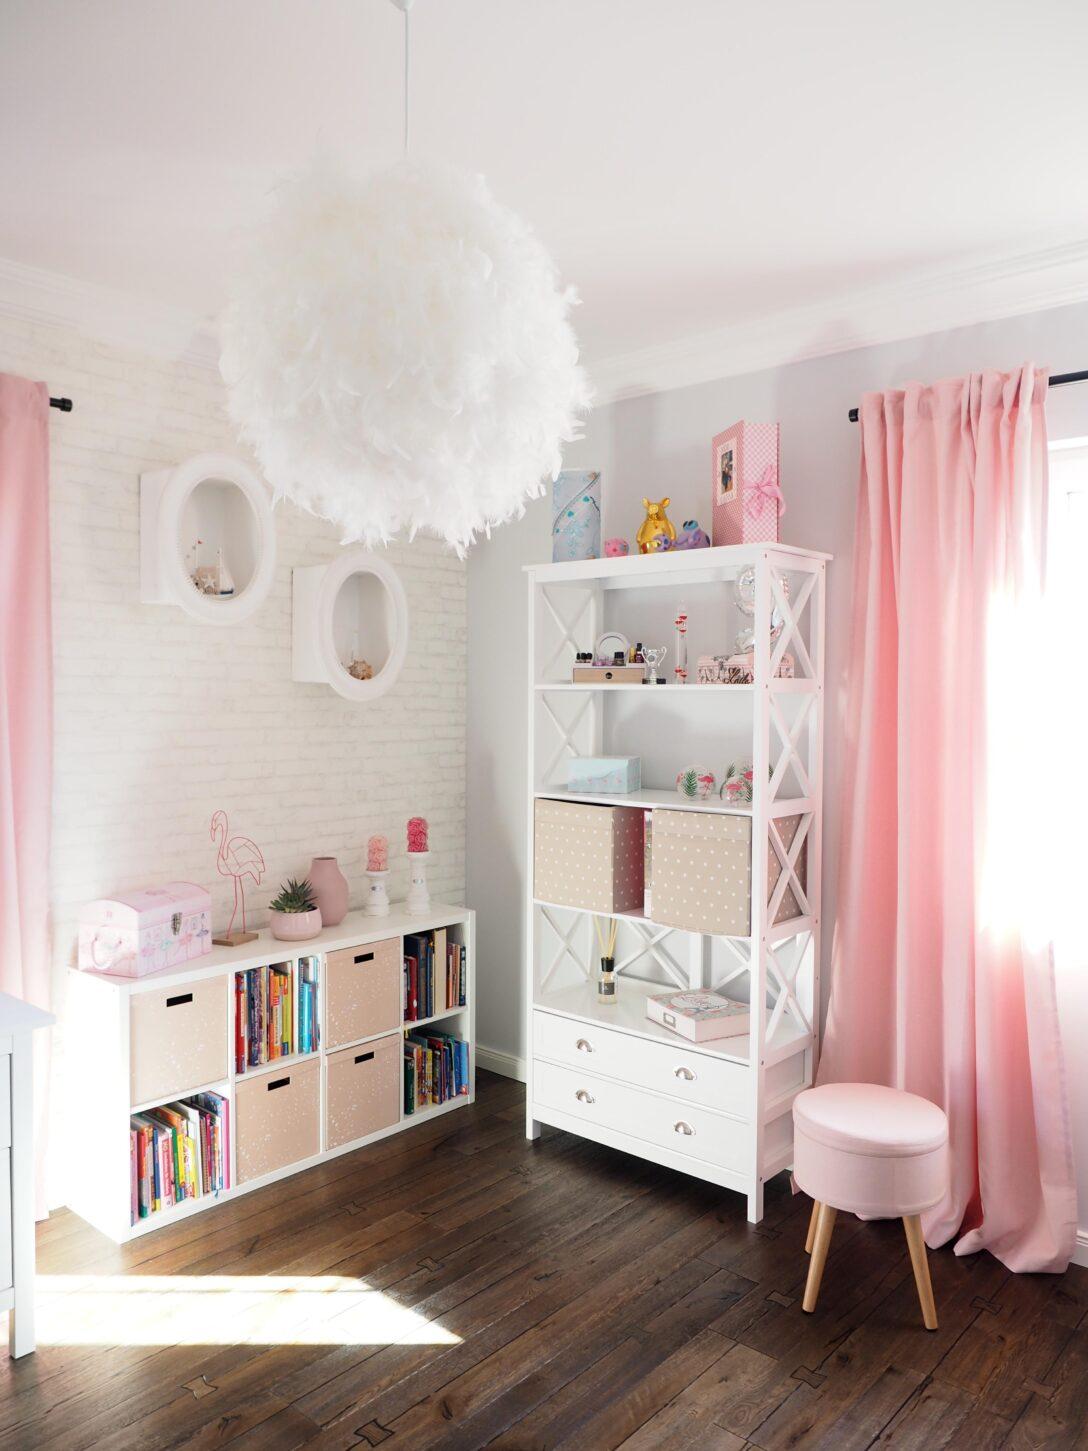 Large Size of Prinzessin Kinderzimmer Komplett Lillifee Gestalten Playmobil Jugendzimmer Bett Deko Prinzessinnen Sofa Regal Weiß Prinzessinen Regale Kinderzimmer Kinderzimmer Prinzessin